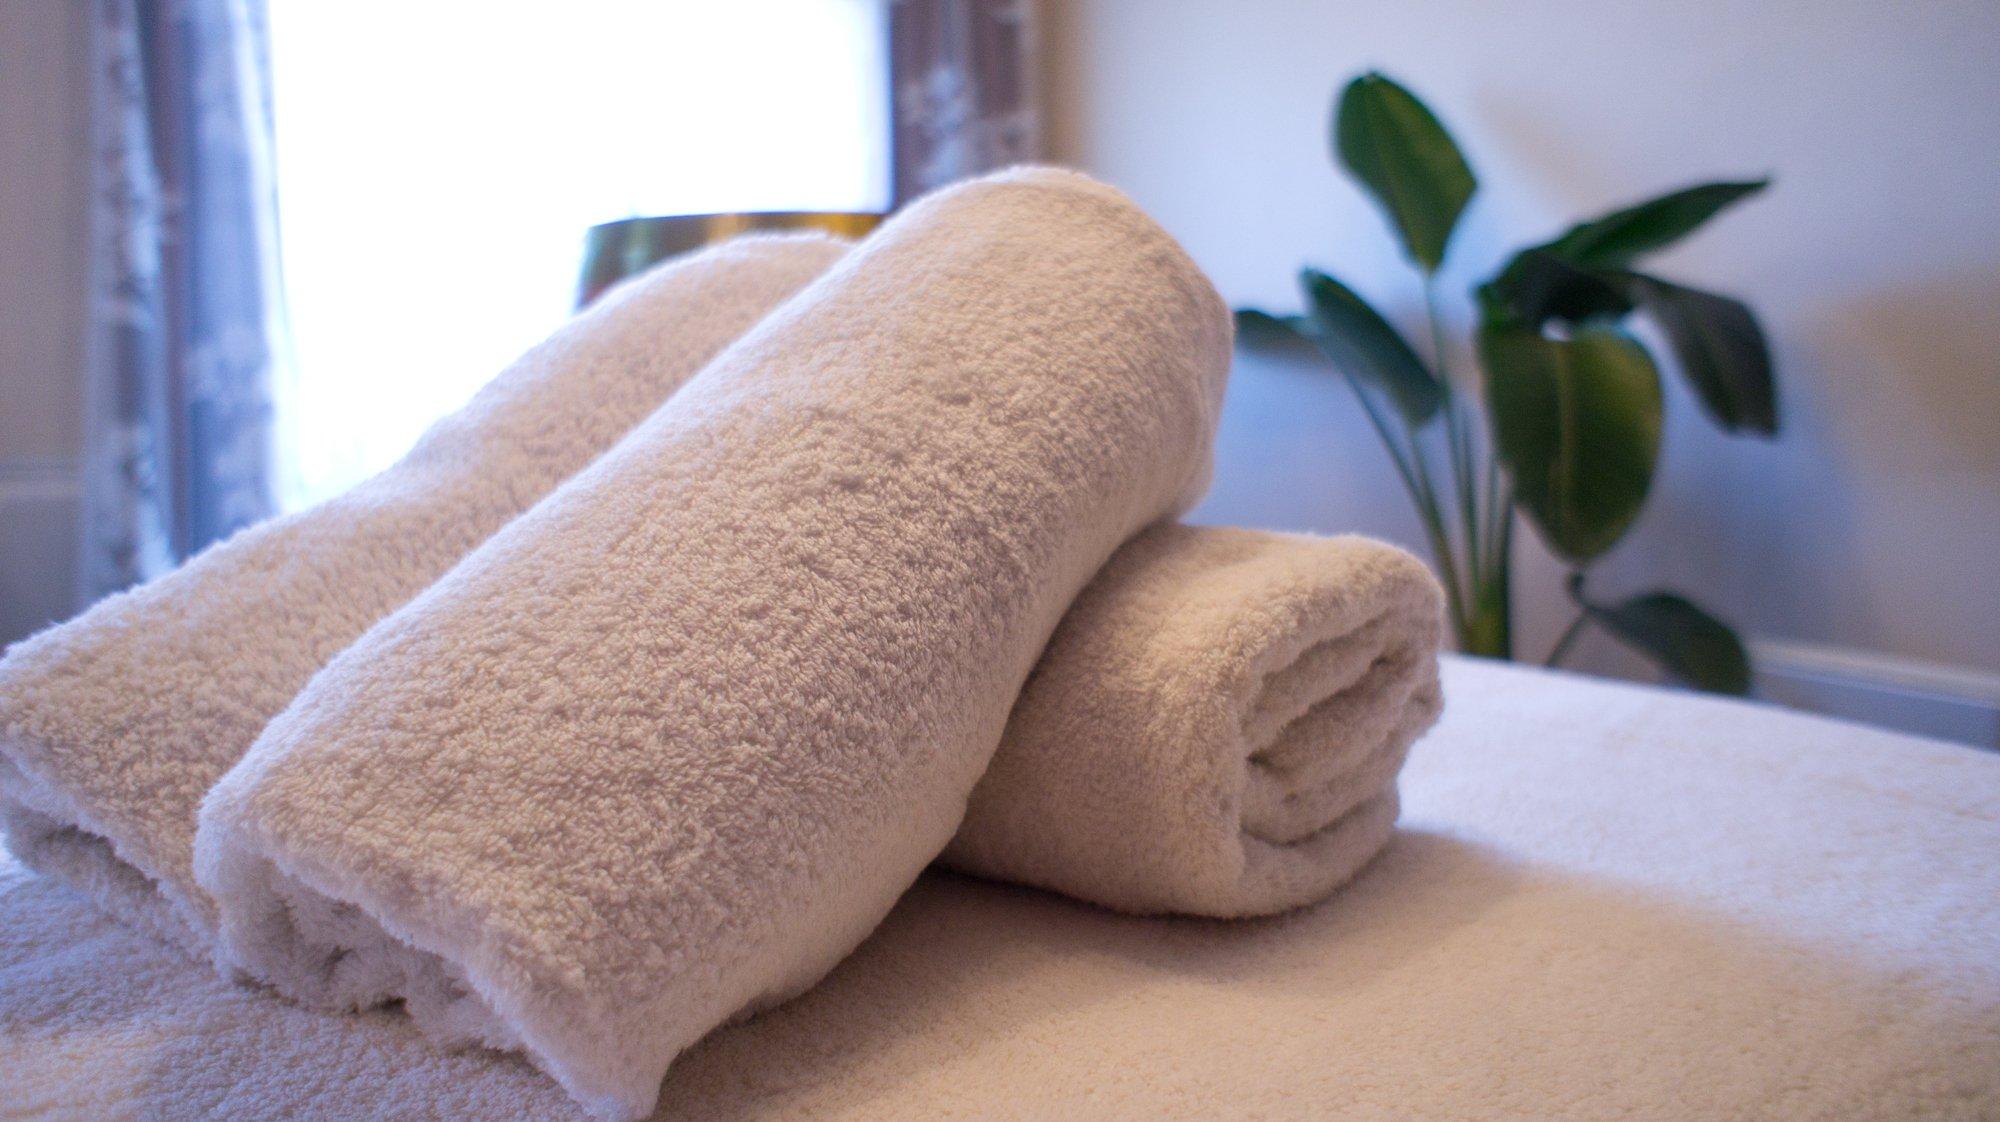 タオルの洗剤は自然素材のものを使っています。